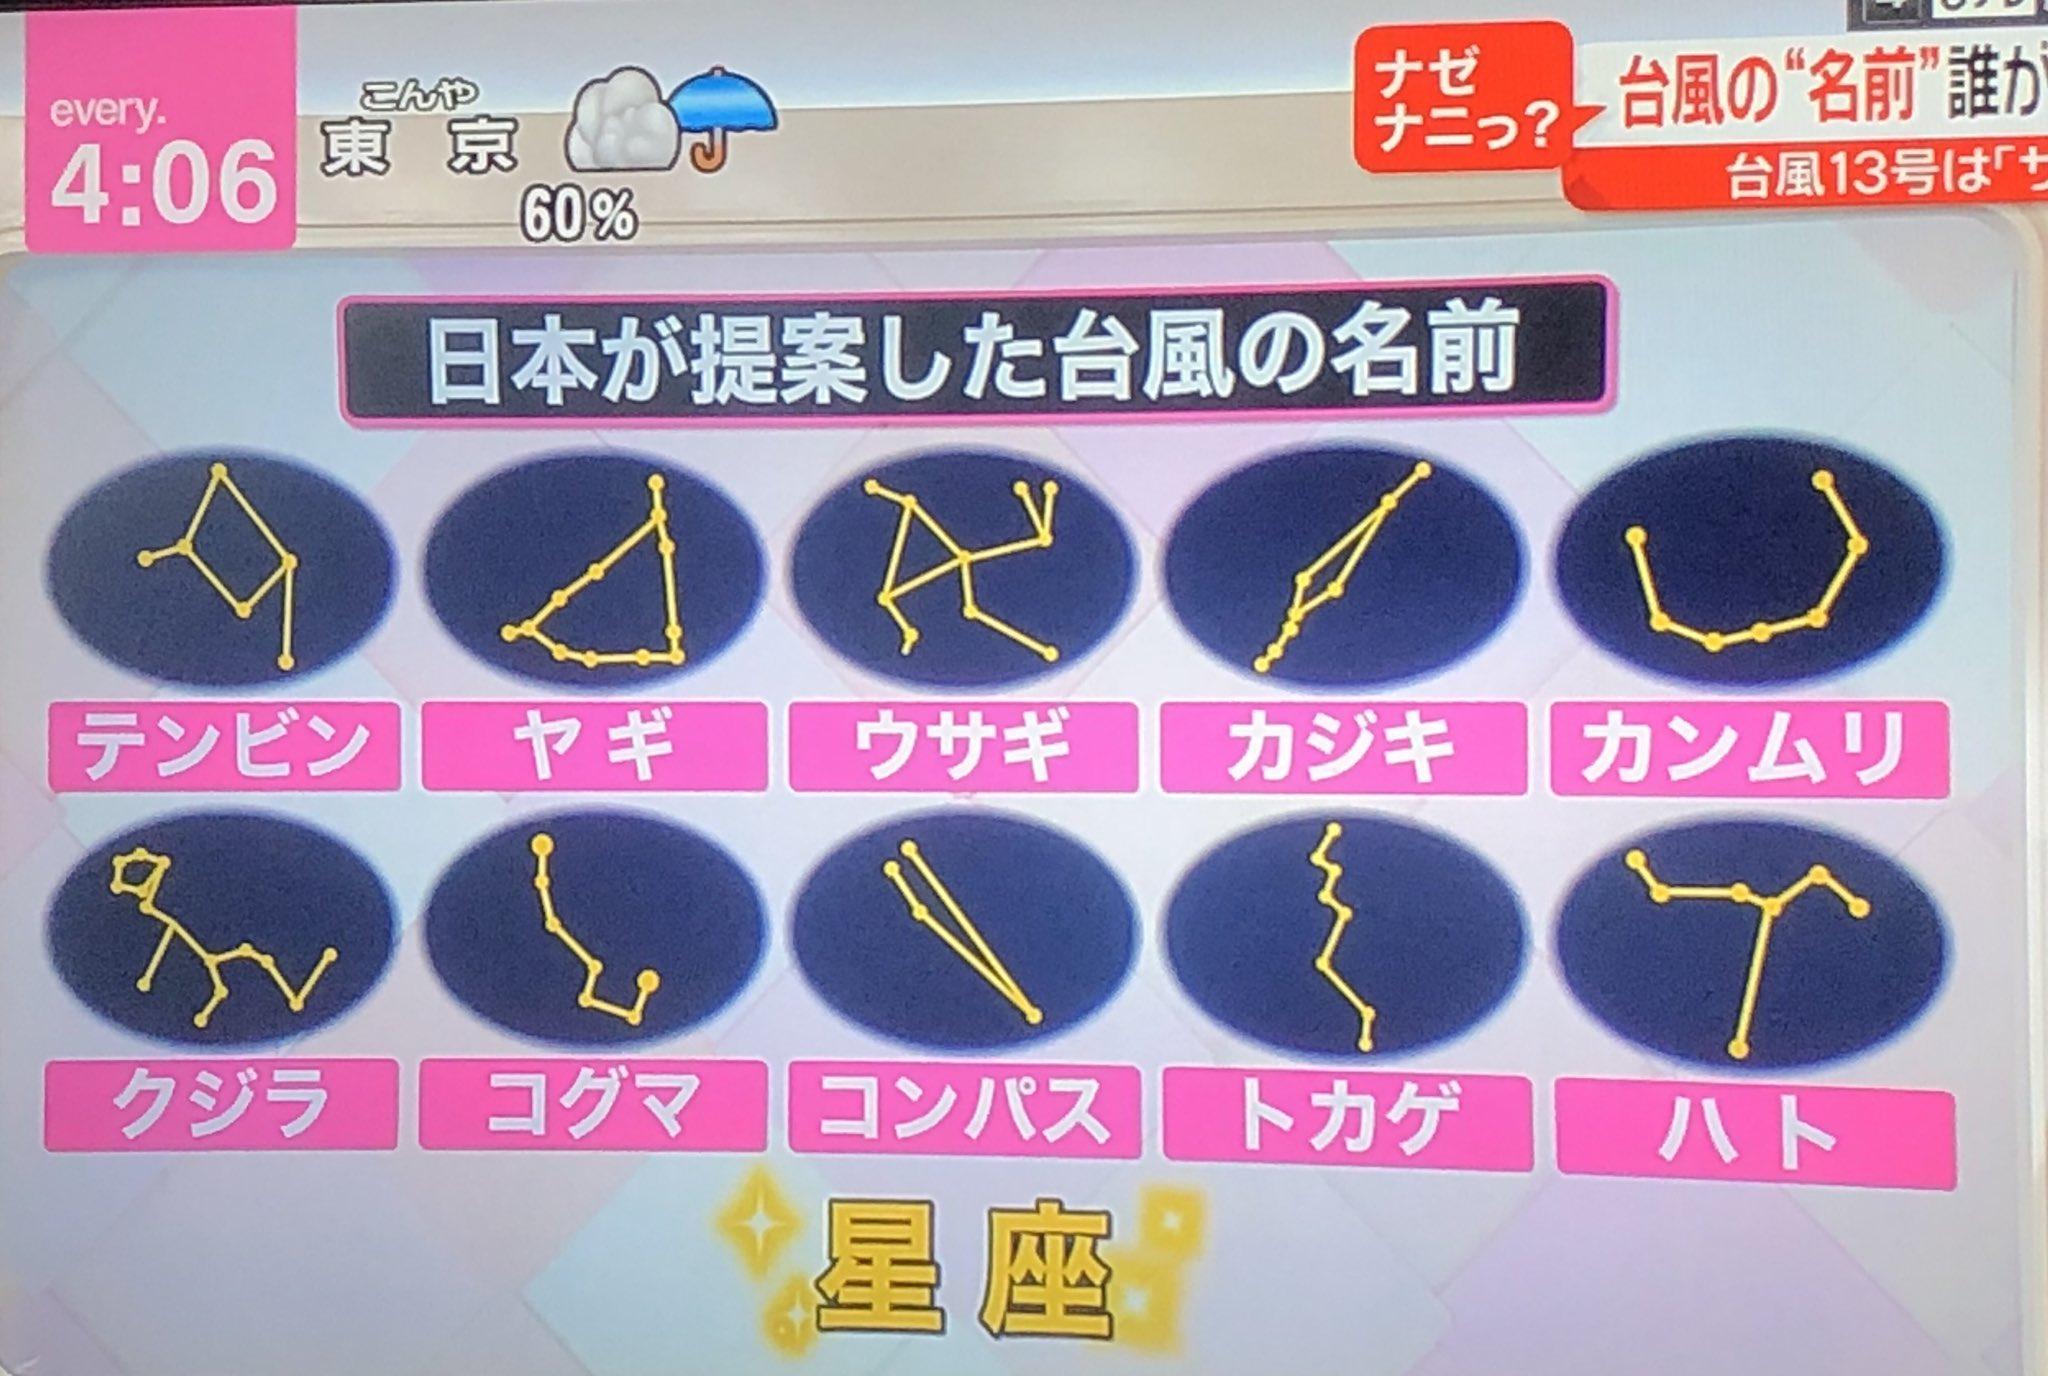 【台風情報】 次の台風14号の名称は日本が決めるらしいんだけど、この中から選ばれたのが「ヤギ」🐐 みなさん、台風14号は「ヤギ」です